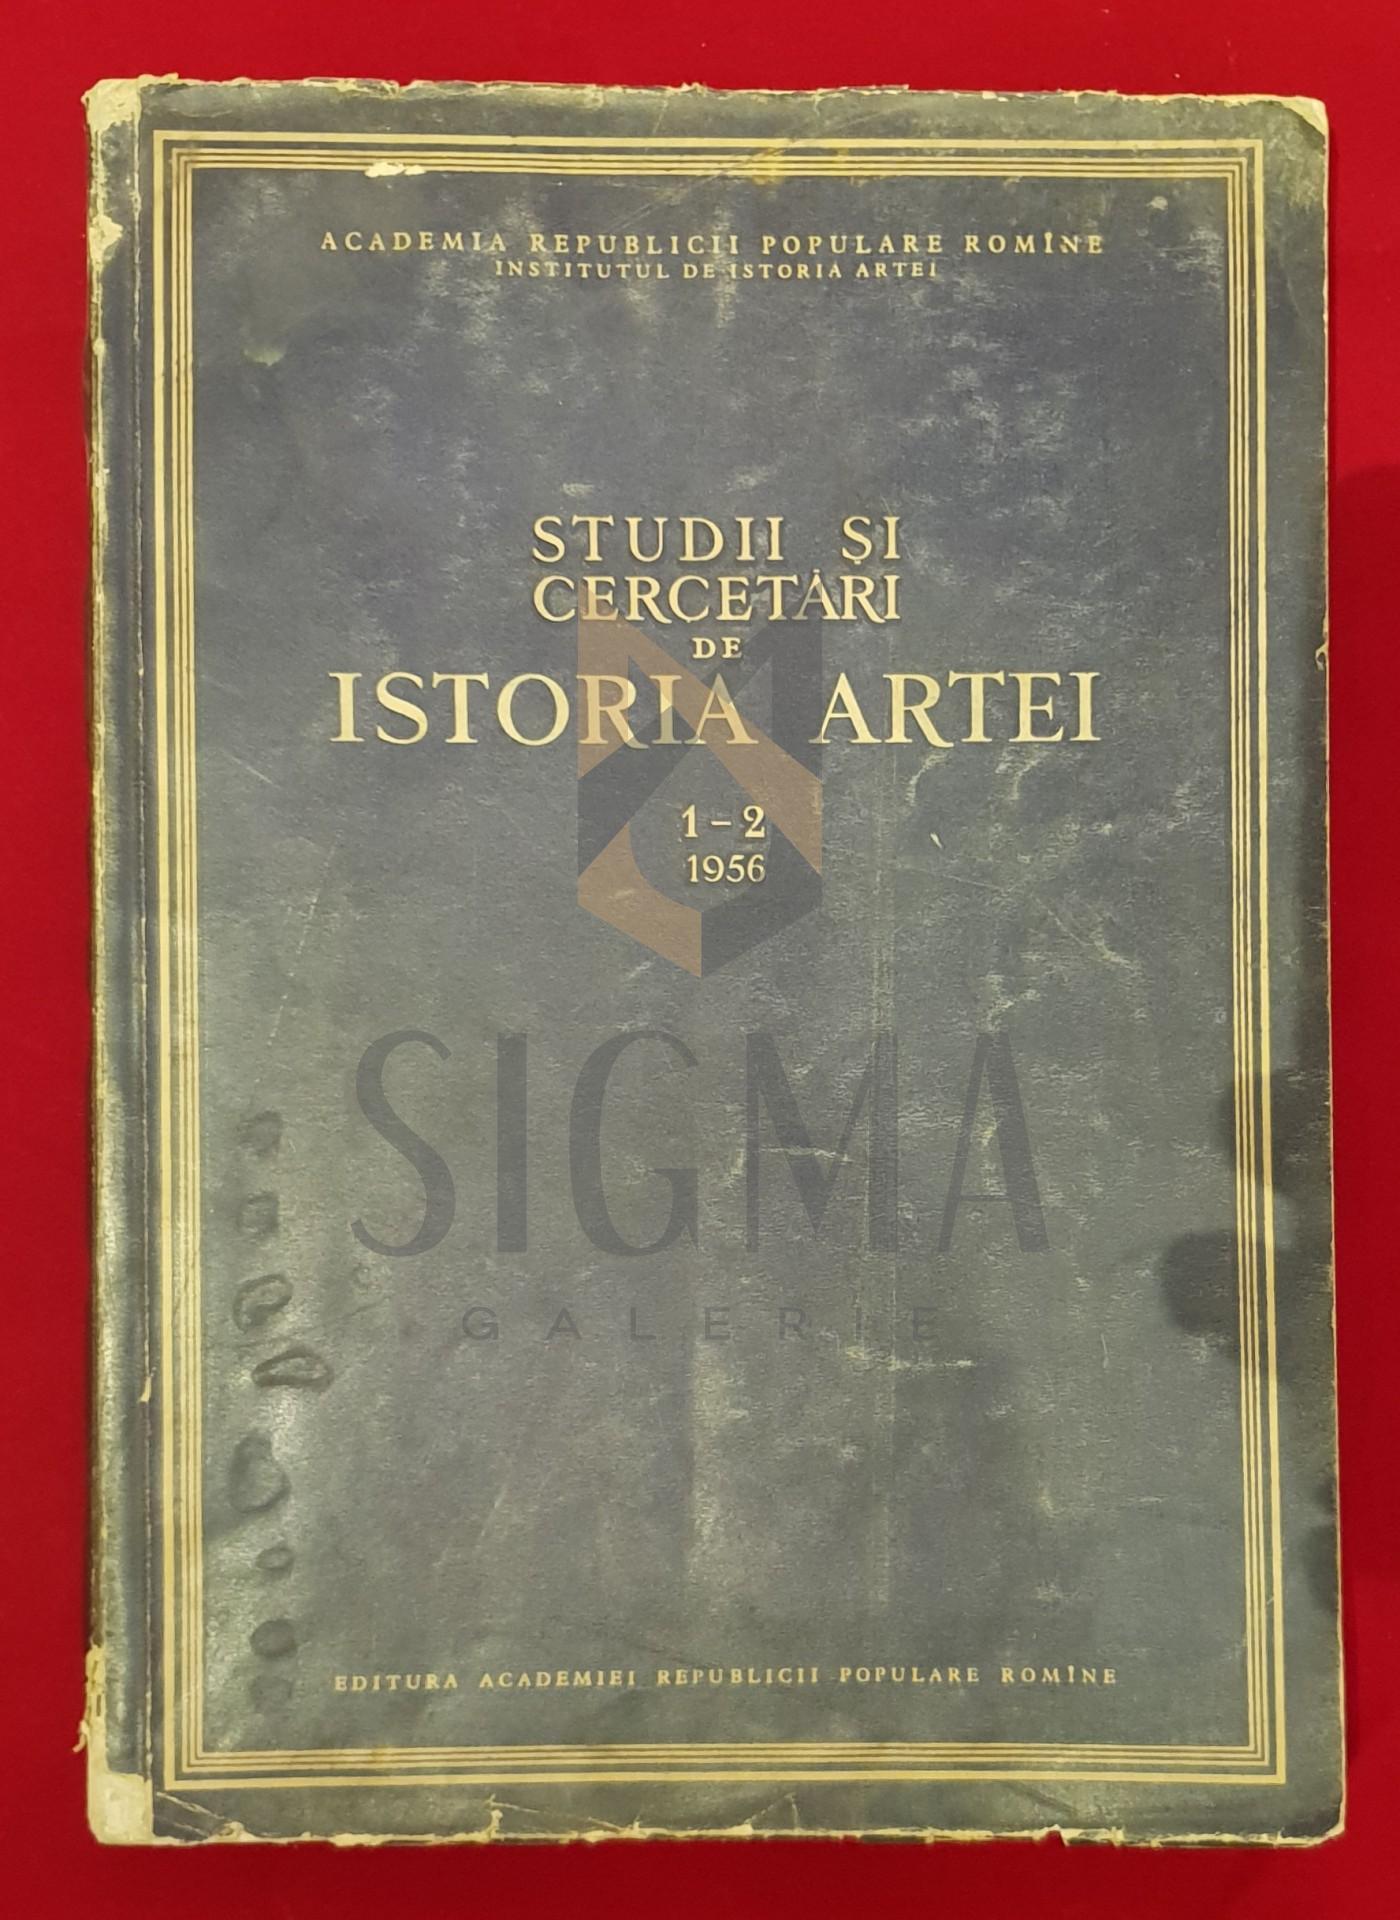 Studii si cercetari de Istoria Artei, 1-2, 1956